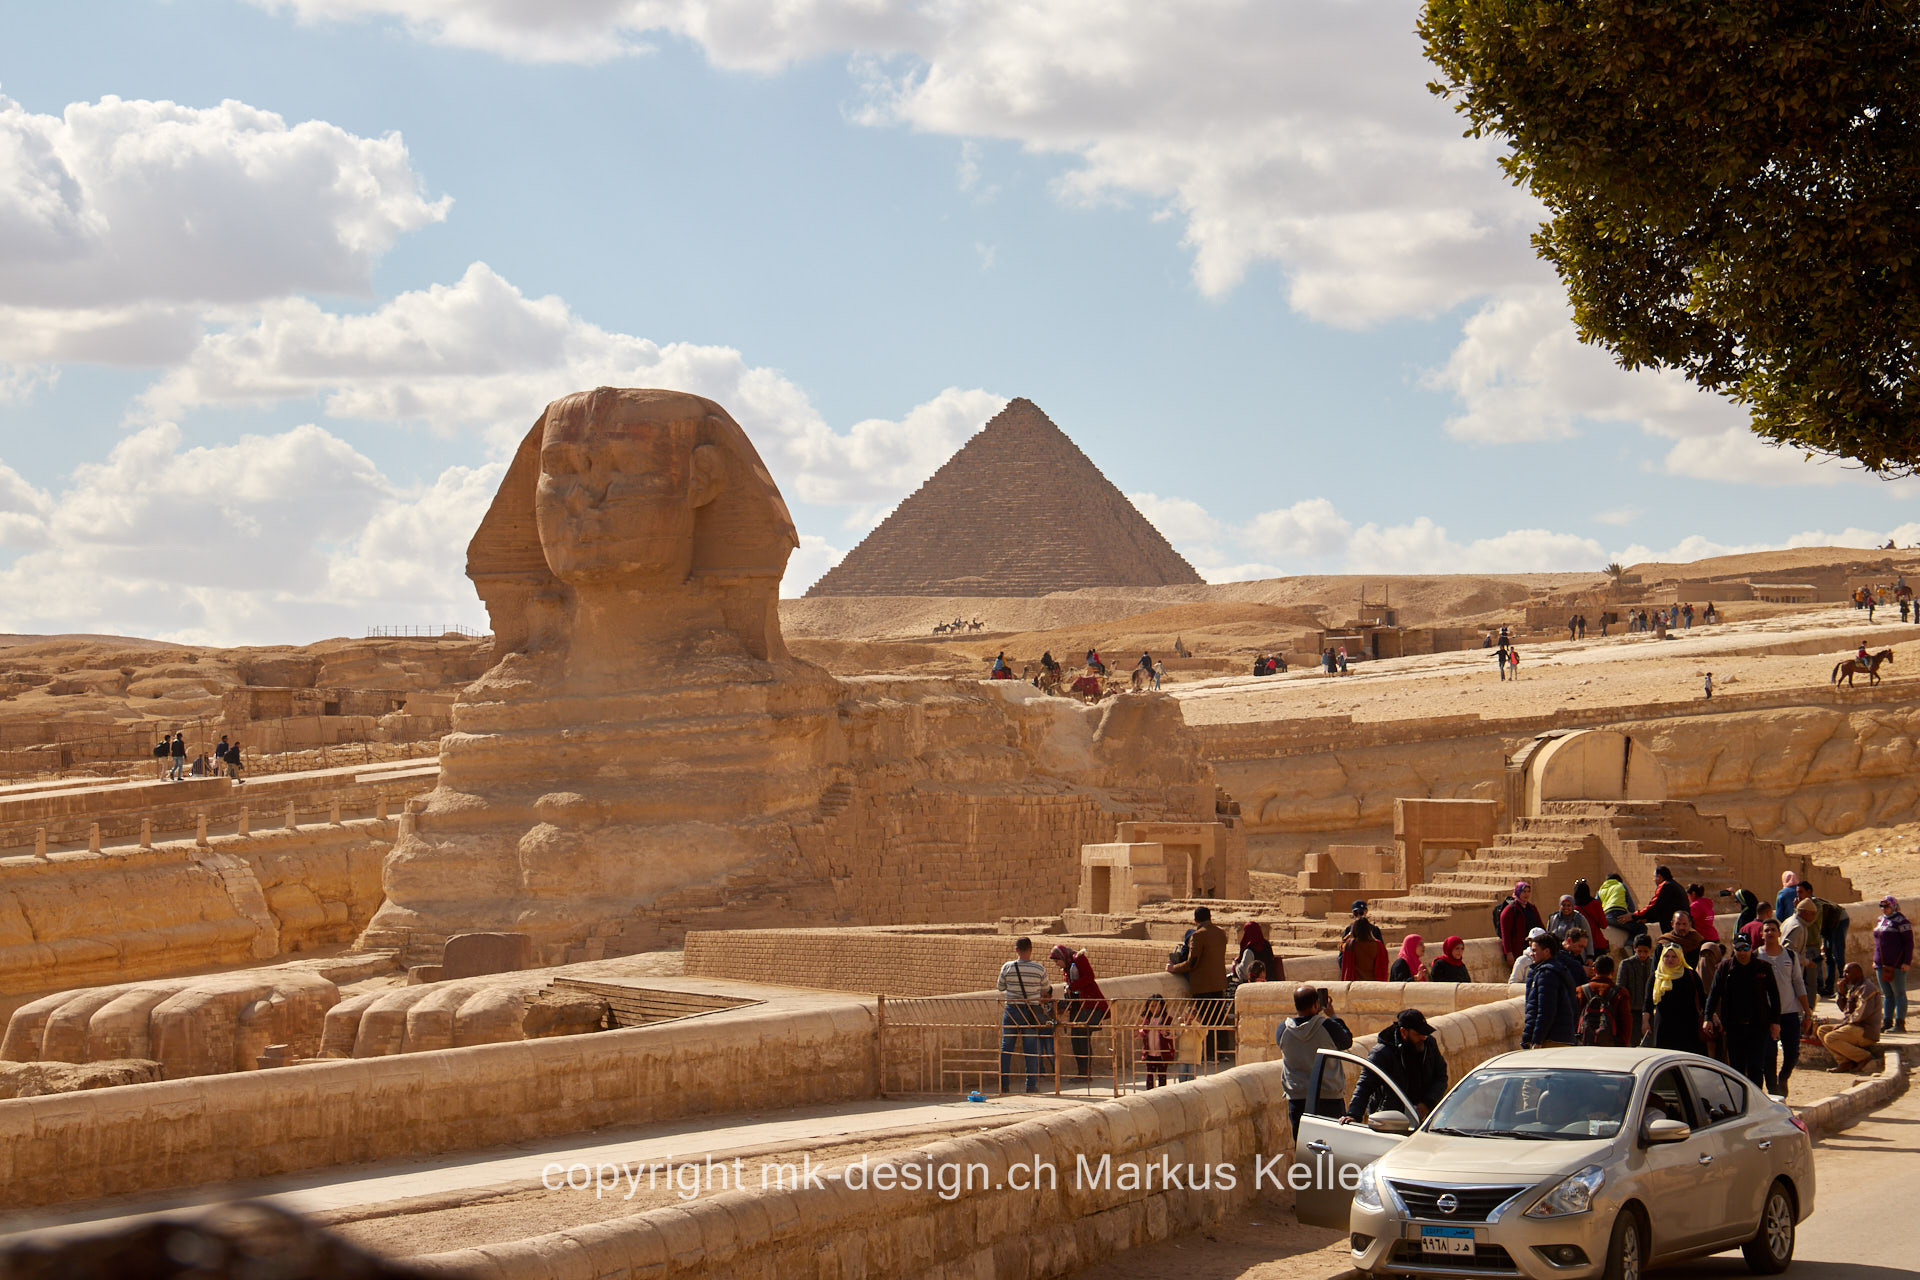 Bauwerk   Pyramide   Statue/Skulptur   Sphings   Mykerinos